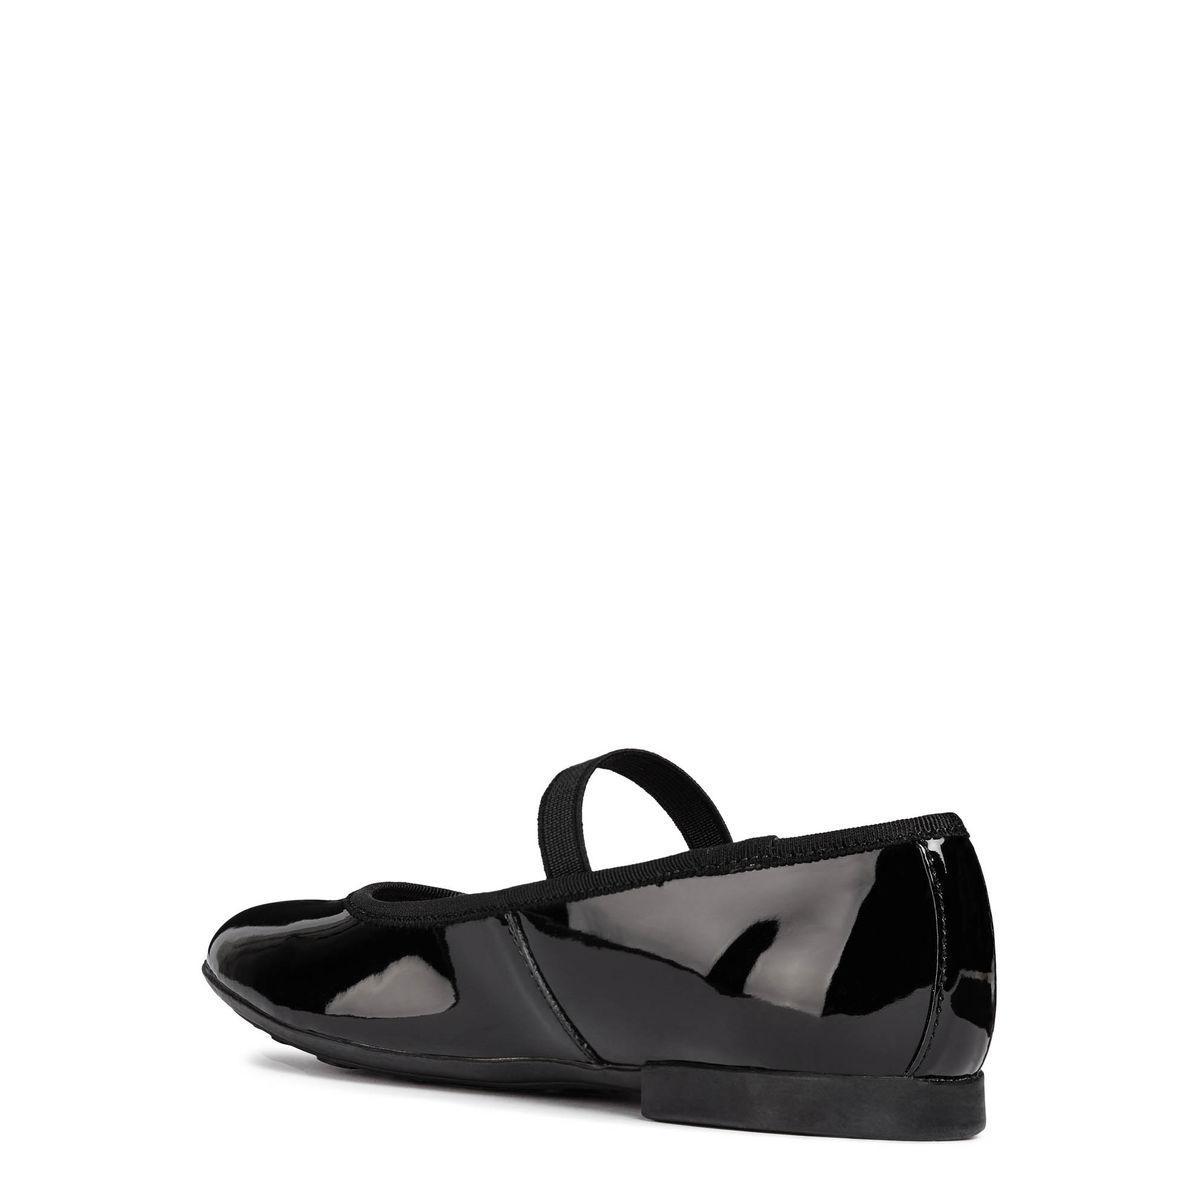 Abbigliamento e accessori Bambina: scarpe GEOX PLIE' BALLERINA JUNIOR GIRL IN VERNICE CON ELASTICO J8455D